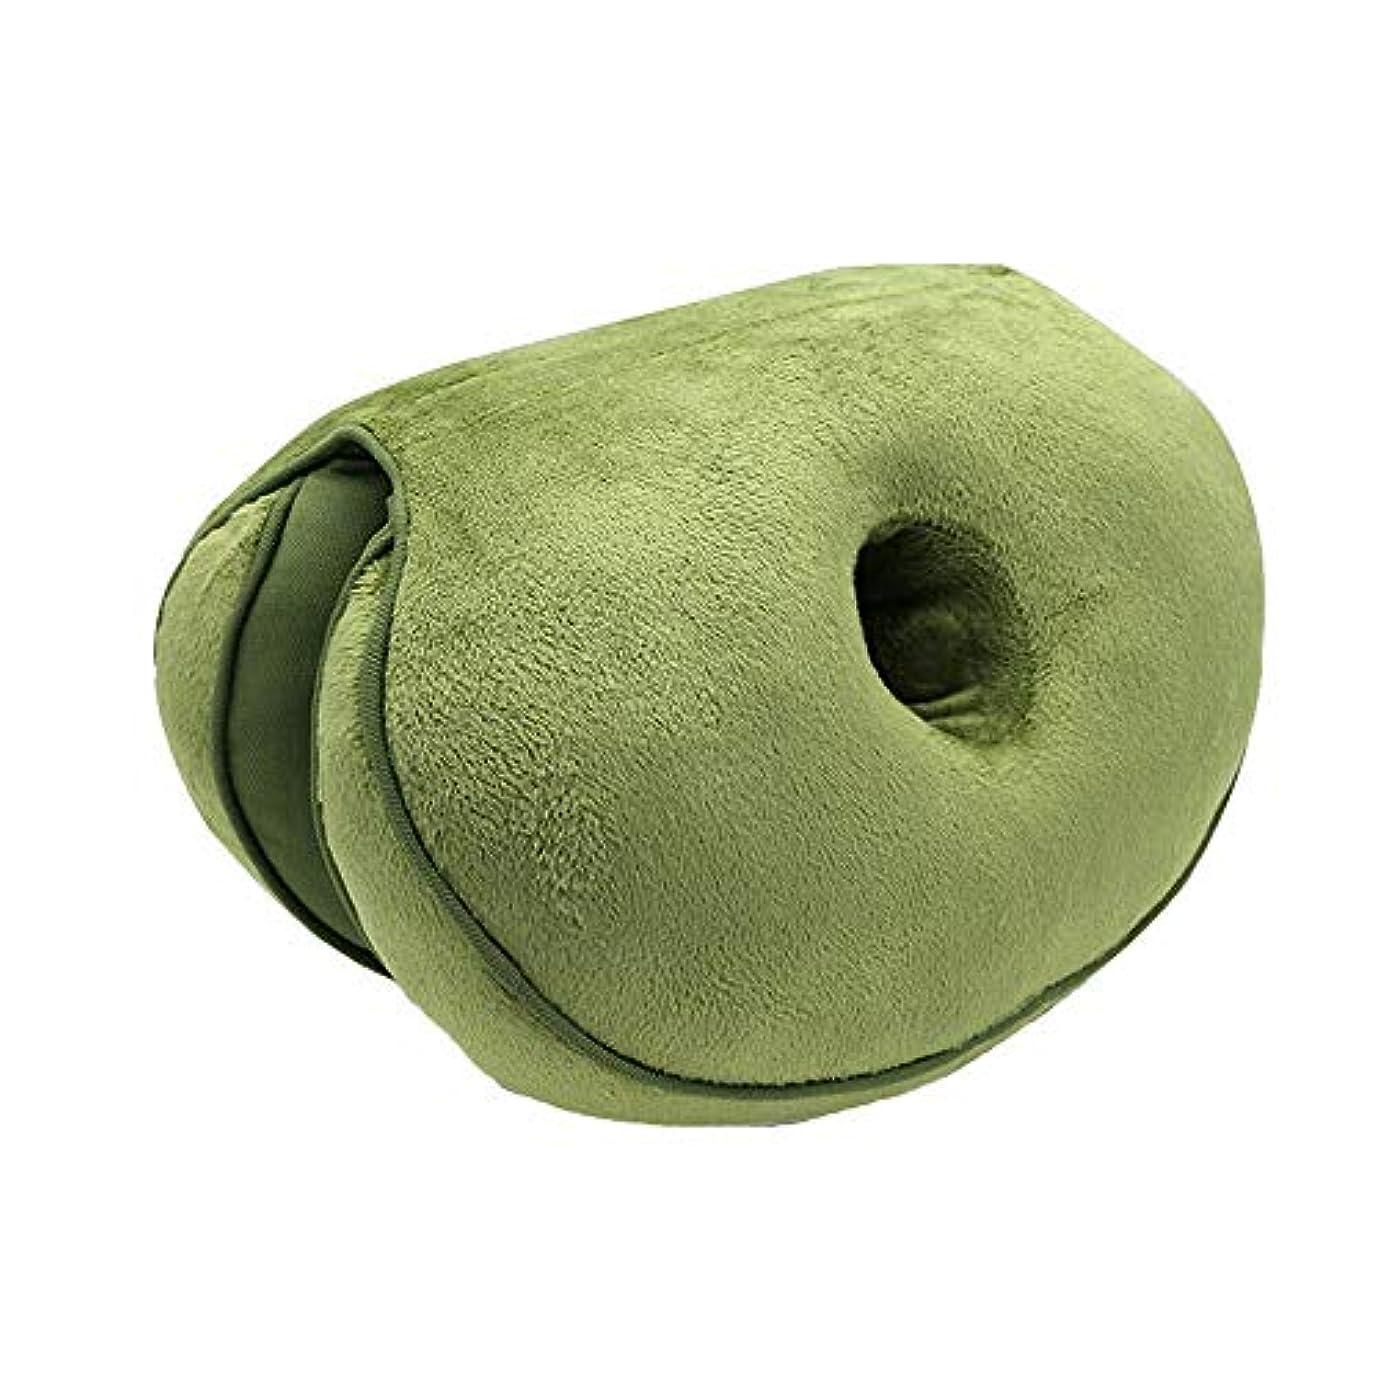 カブフォアタイプほとんどの場合LIFE 新デュアルシートクッション低反発ラテックスオフィスチェアバックシートクッション快適な臀部マットパッド枕旅行枕女性女の子 クッション 椅子